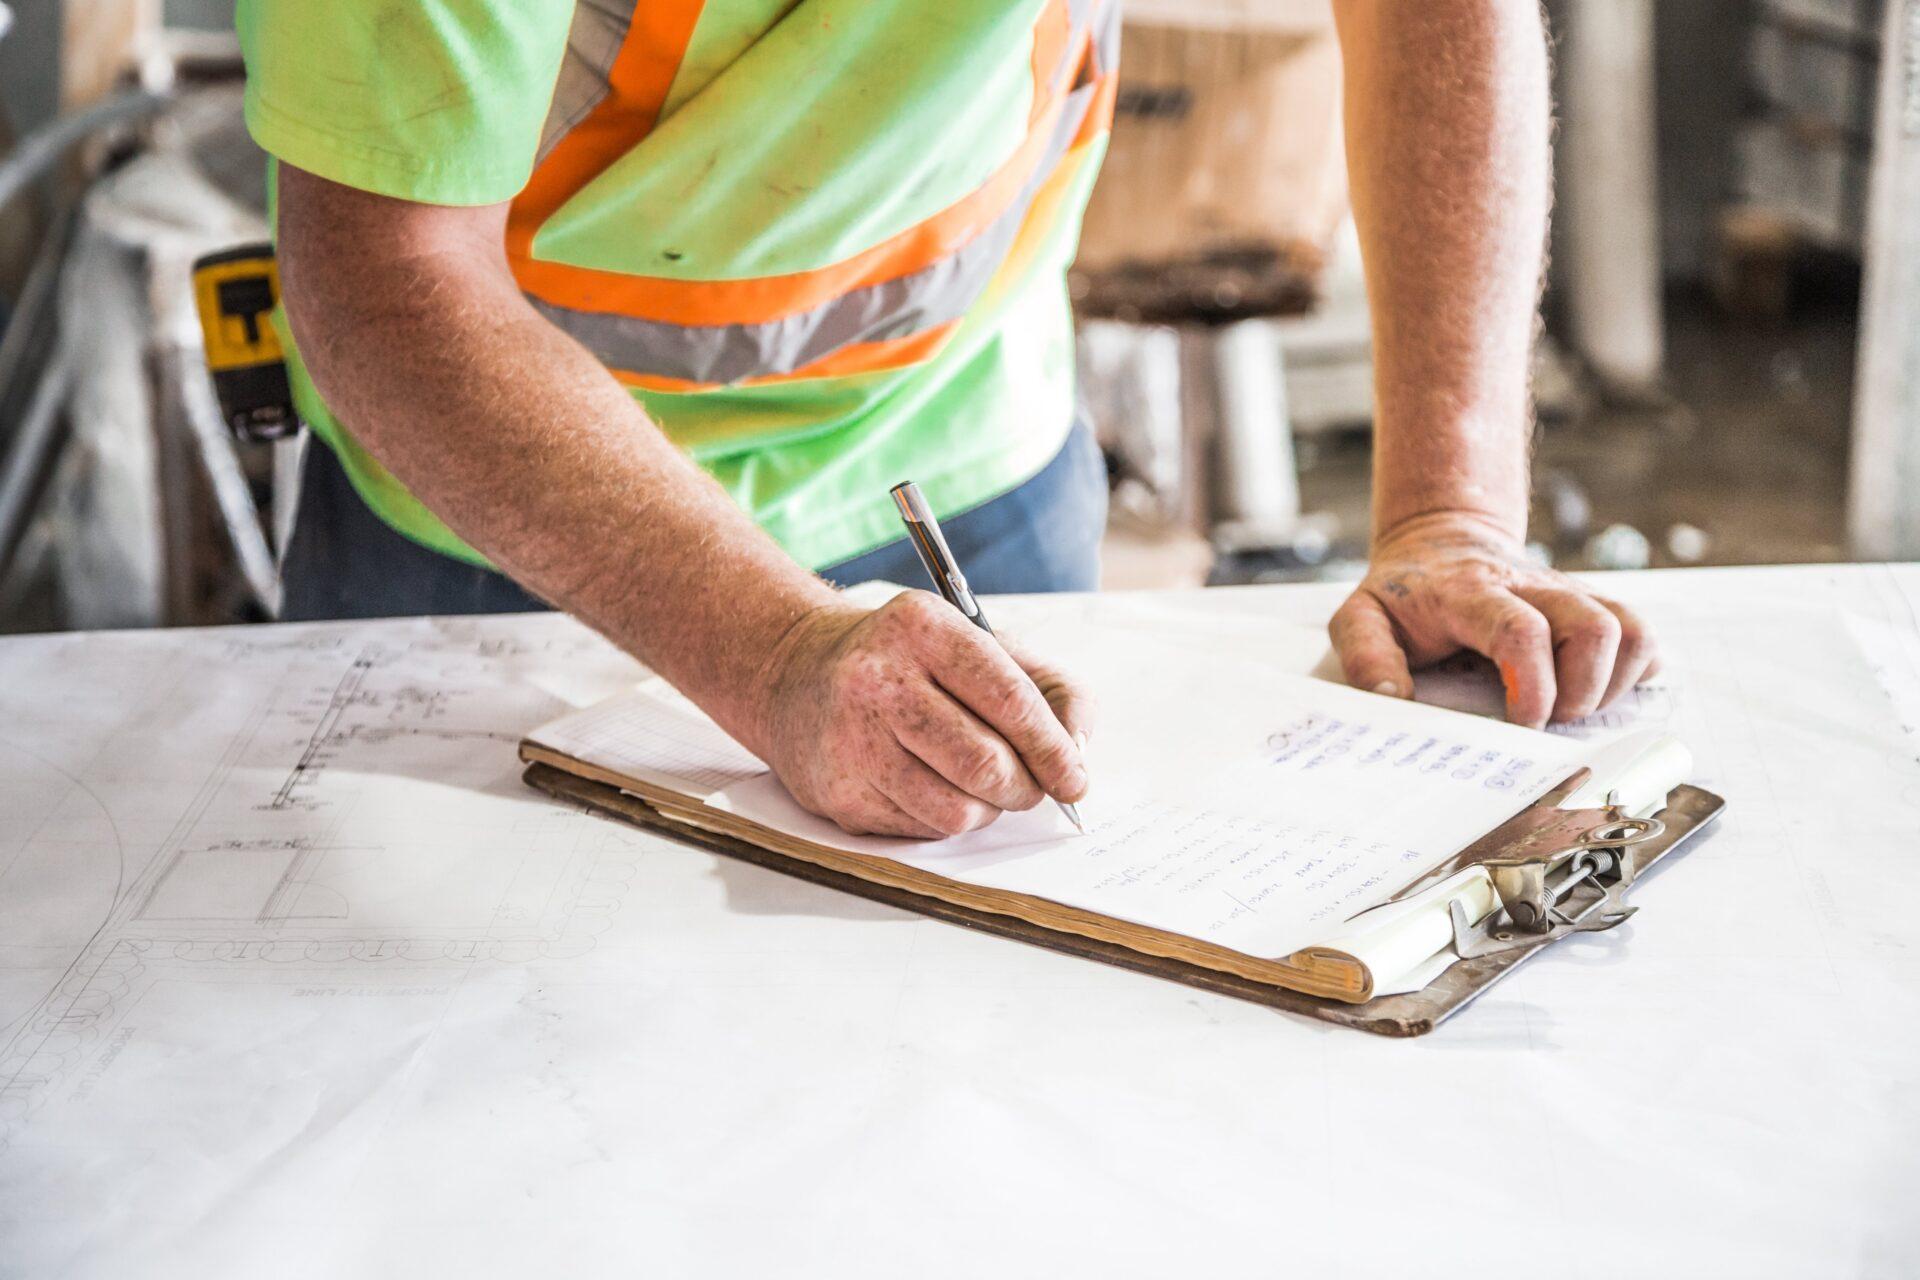 施工管理は未経験からでも転職できる【30代前半までは大丈夫】